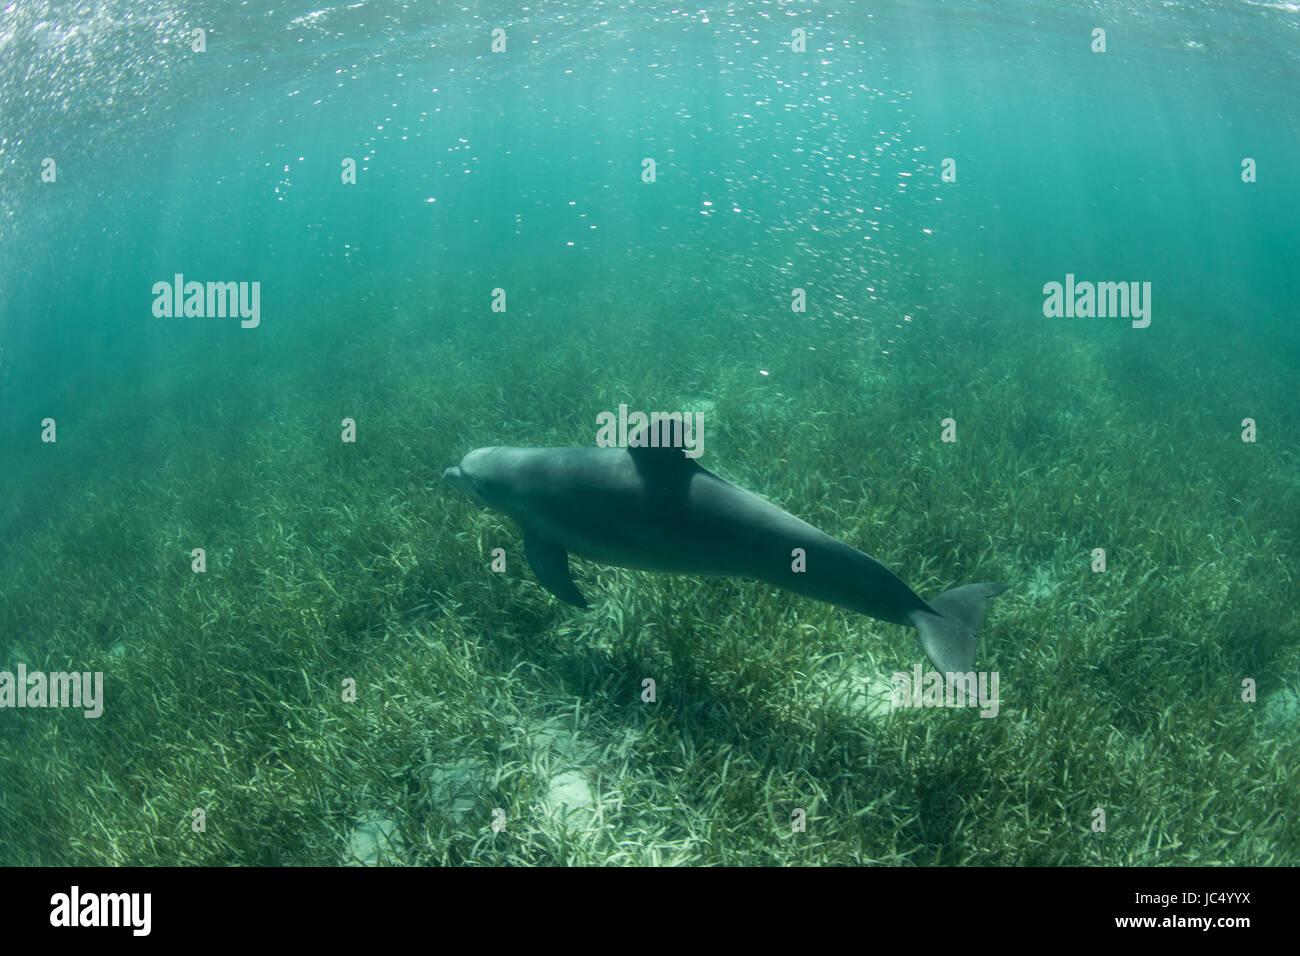 Ein großen Tümmler schwimmt über eine Seegraswiese in Turneffe Atoll vor der Küste von Belize. Diese Art ist ein Stockfoto